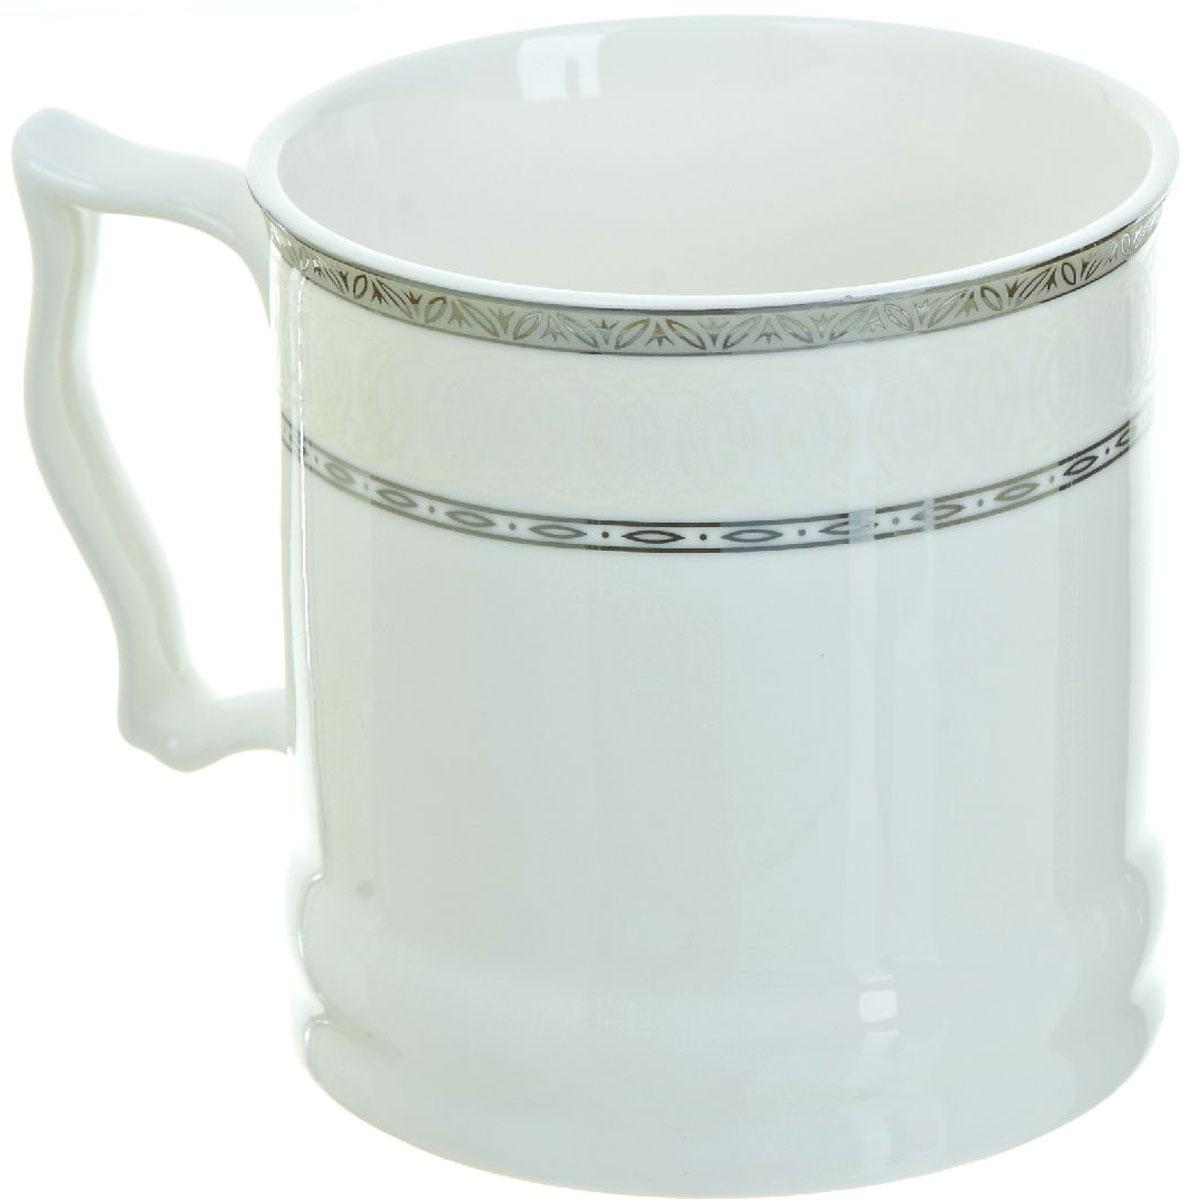 Кружка BHP Королевская кружка, 500 мл. 1870006115510Оригинальная кружка Best Home Porcelain, выполненная из высококачественного фарфора, сочетает в себе простой, утонченный дизайн с максимальной функциональностью. Оригинальность оформления придутся по вкусу тем, кто ценит индивидуальность.Можно использовать в посудомоечной машине.